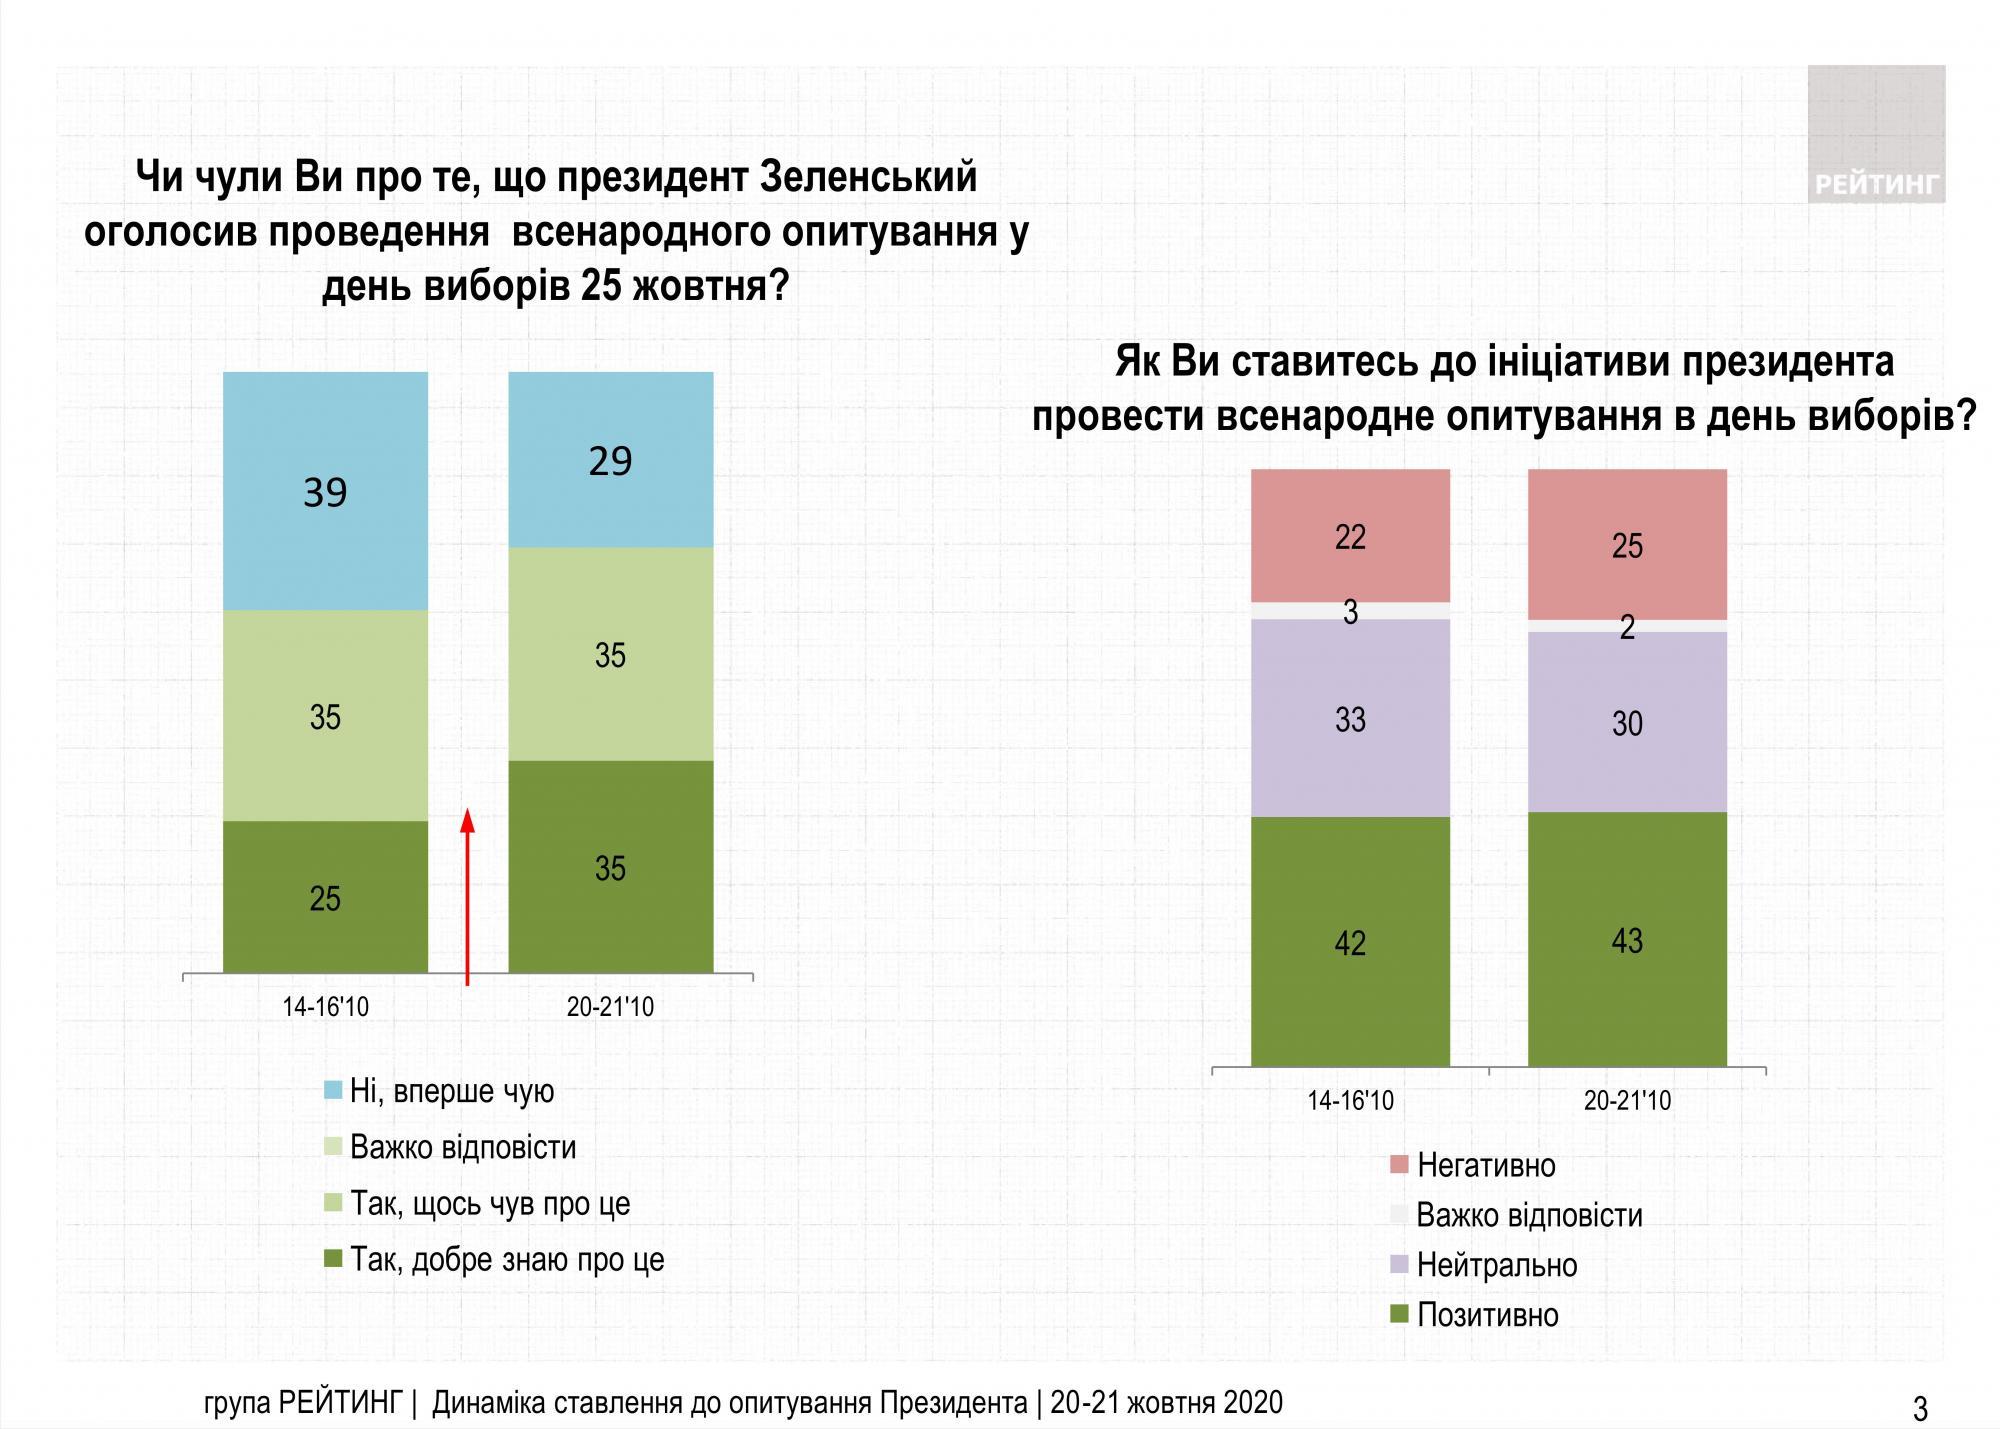 Менше половини українців схвалюють рішення Зеленського провести опитування